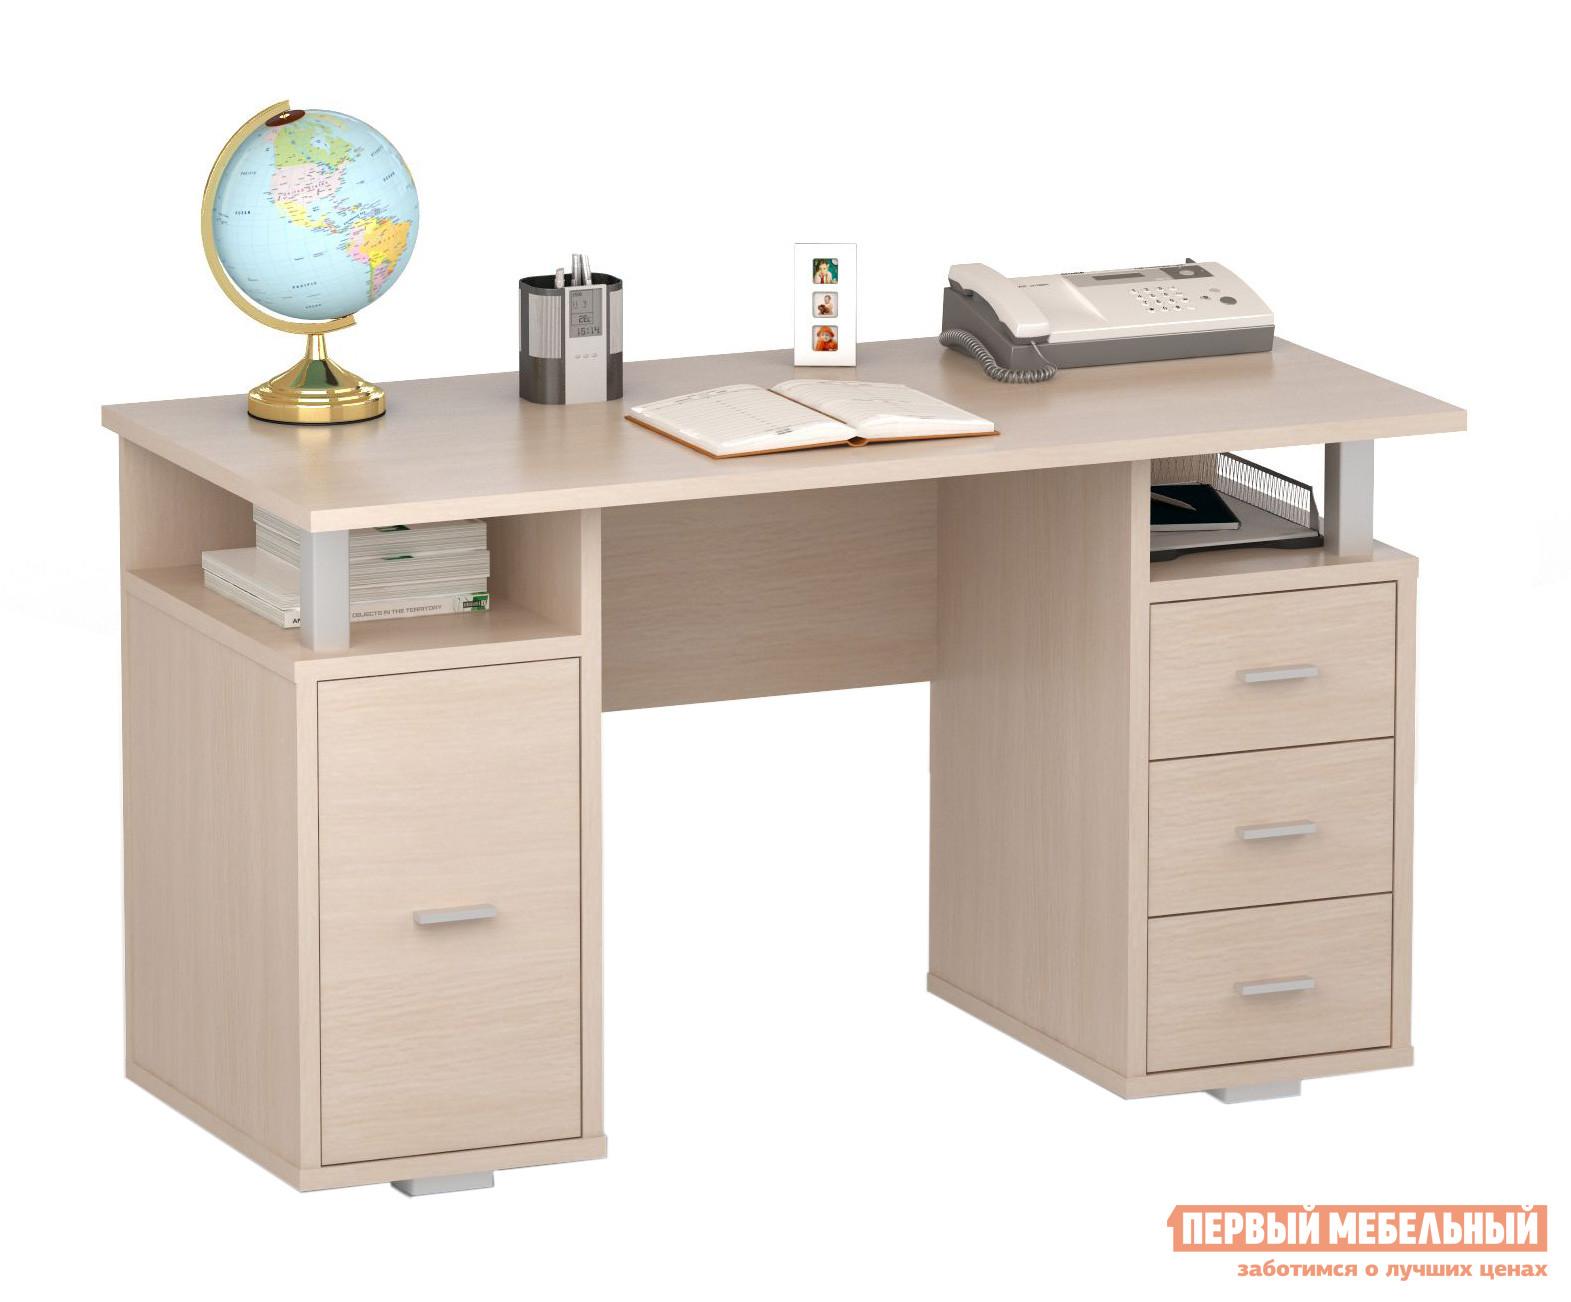 Компьютерный стол ВасКо ПС 40-07 Молочный дуб